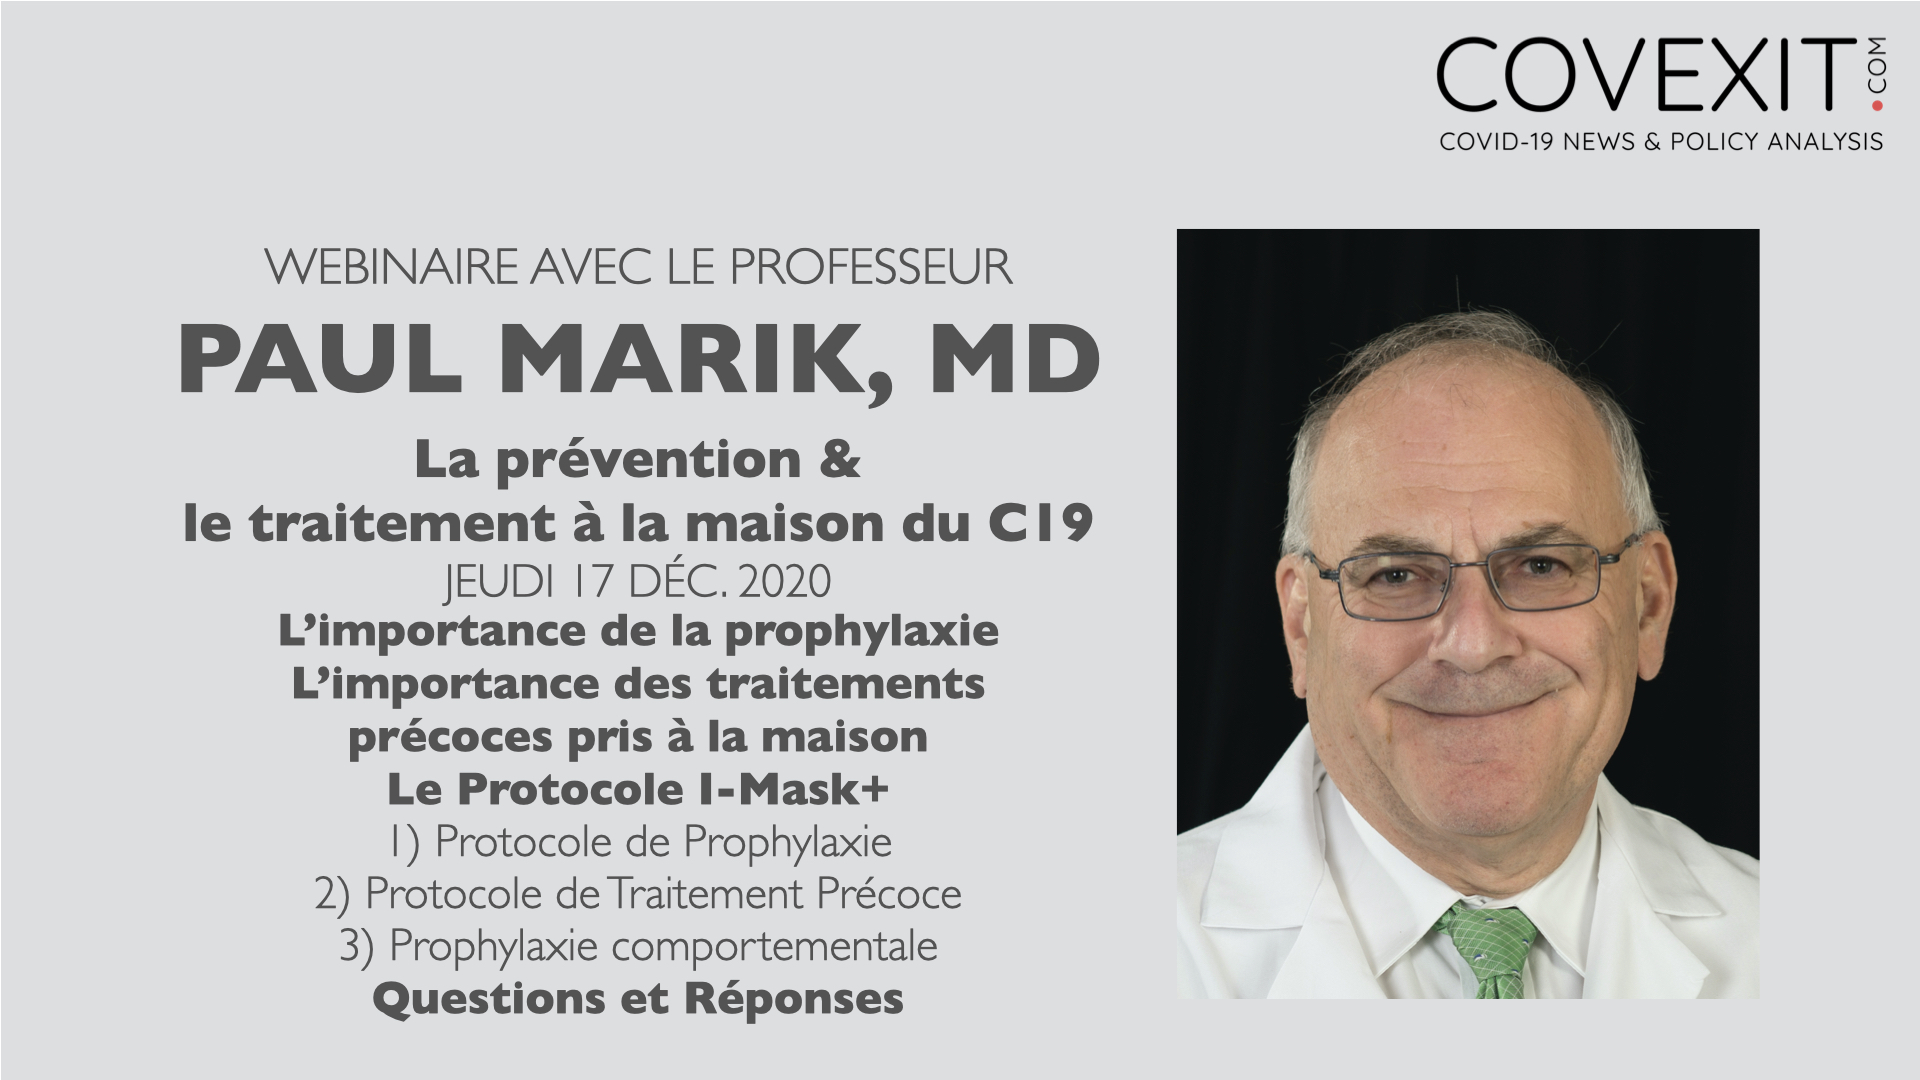 Prophylaxie et Traitement Précoce du C19 - un Webinaire avec le Professeur de Médecine Paul Marik